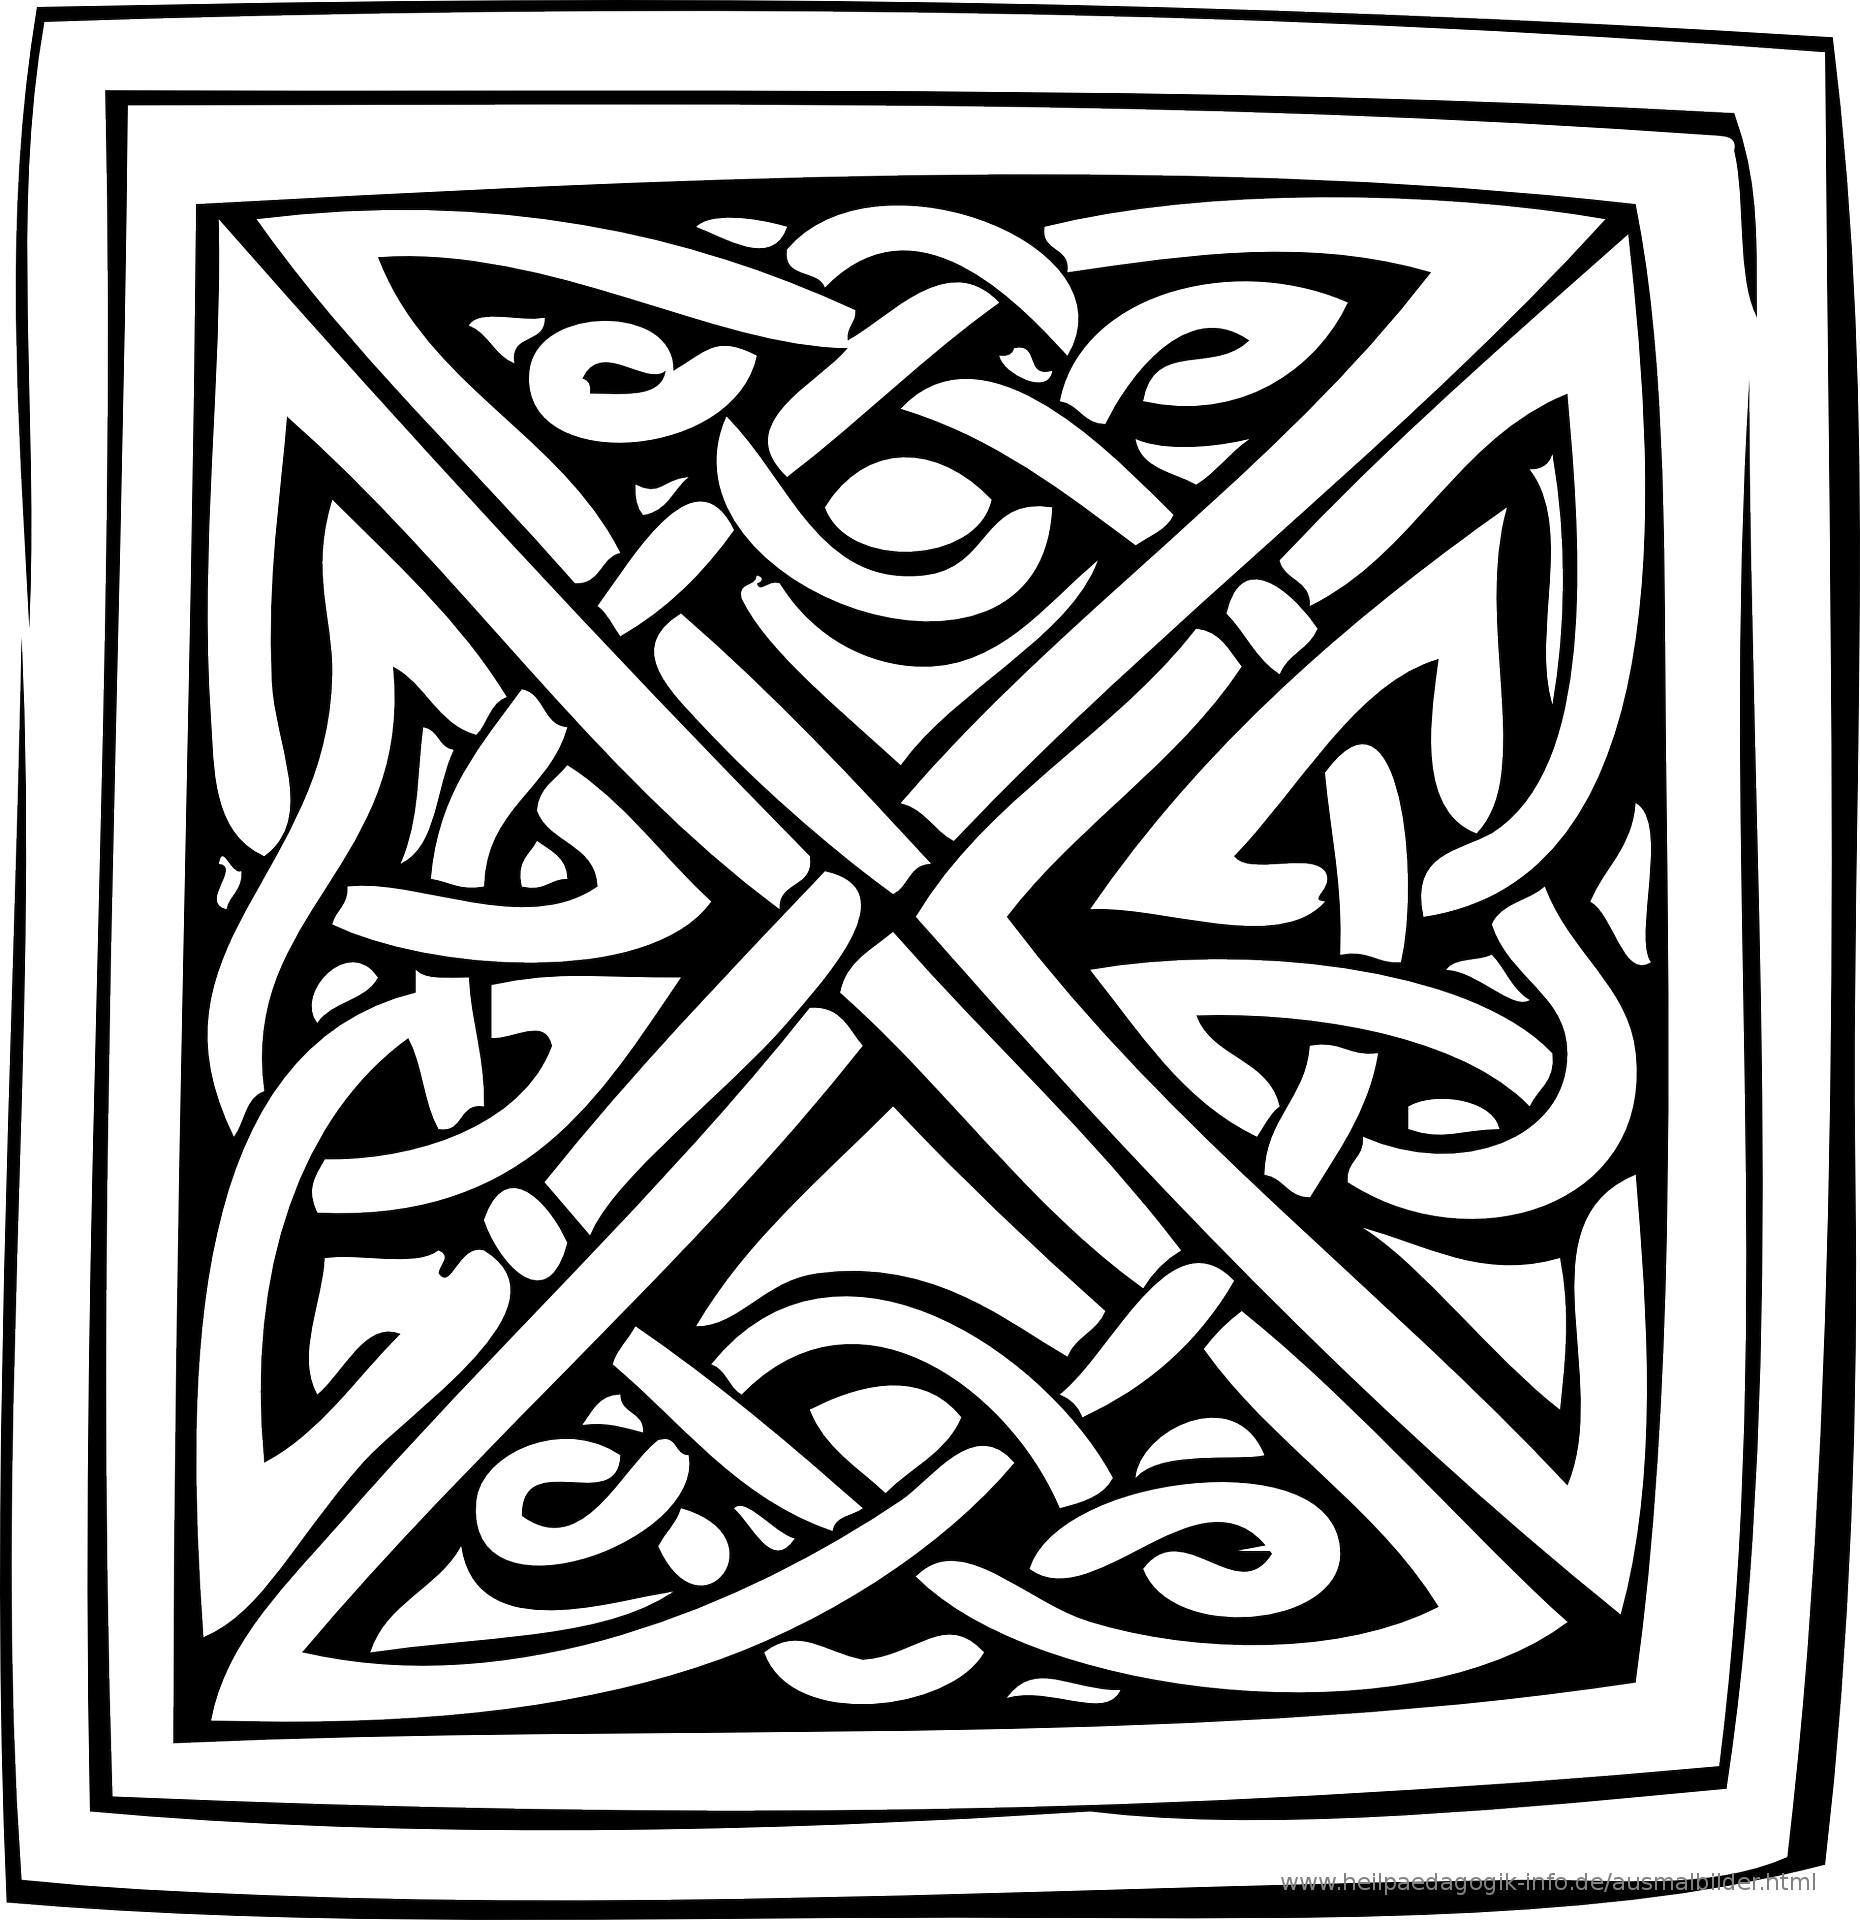 Ausmalbilder Muster  Ausmalbilder Muster